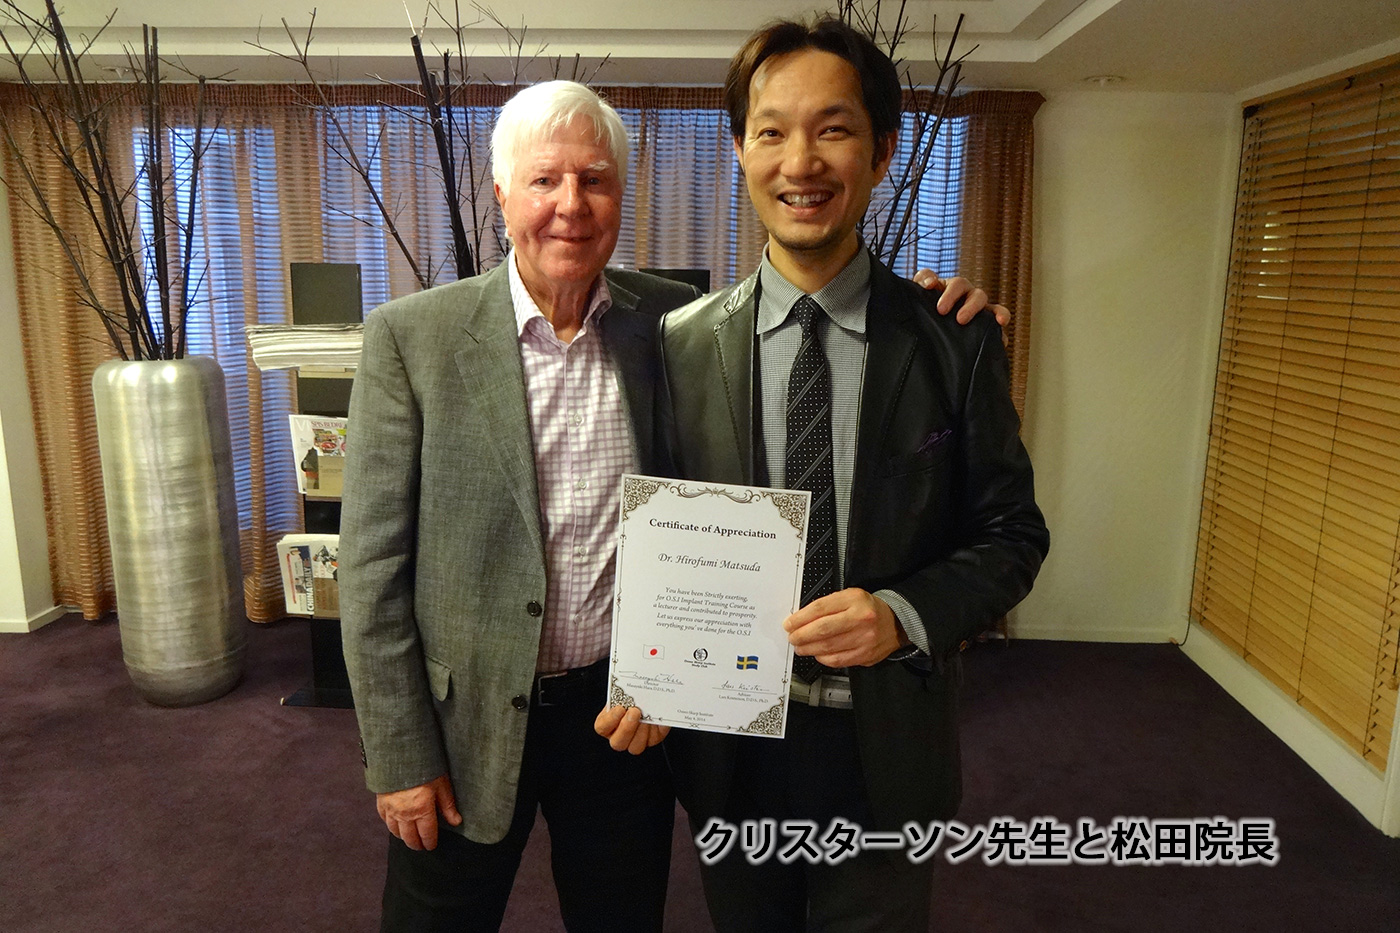 松田先生とクリスターソン先生